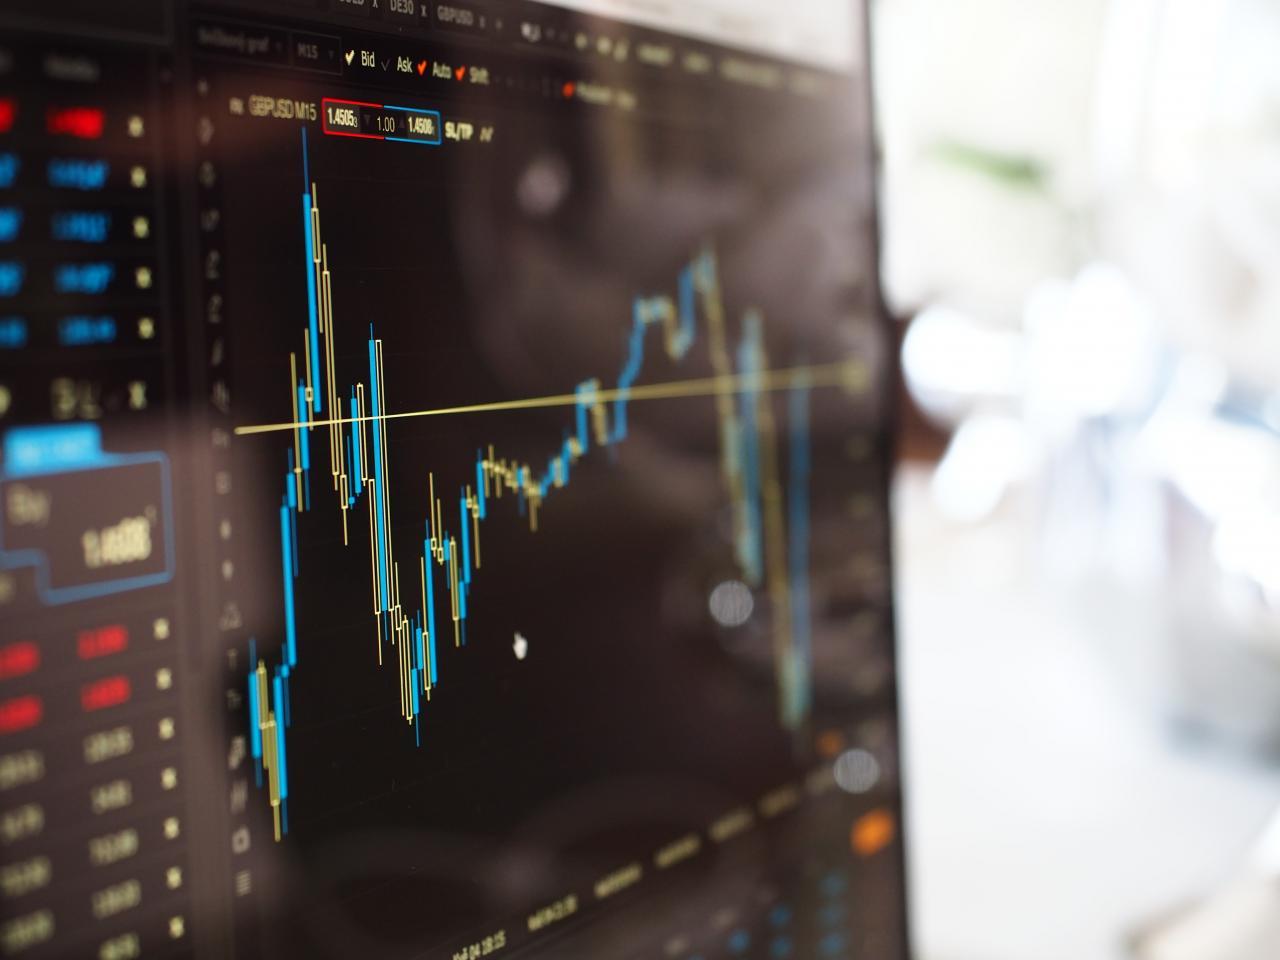 الاستثمار في الأسهم دليلك الشامل بالمعلومات المهمة